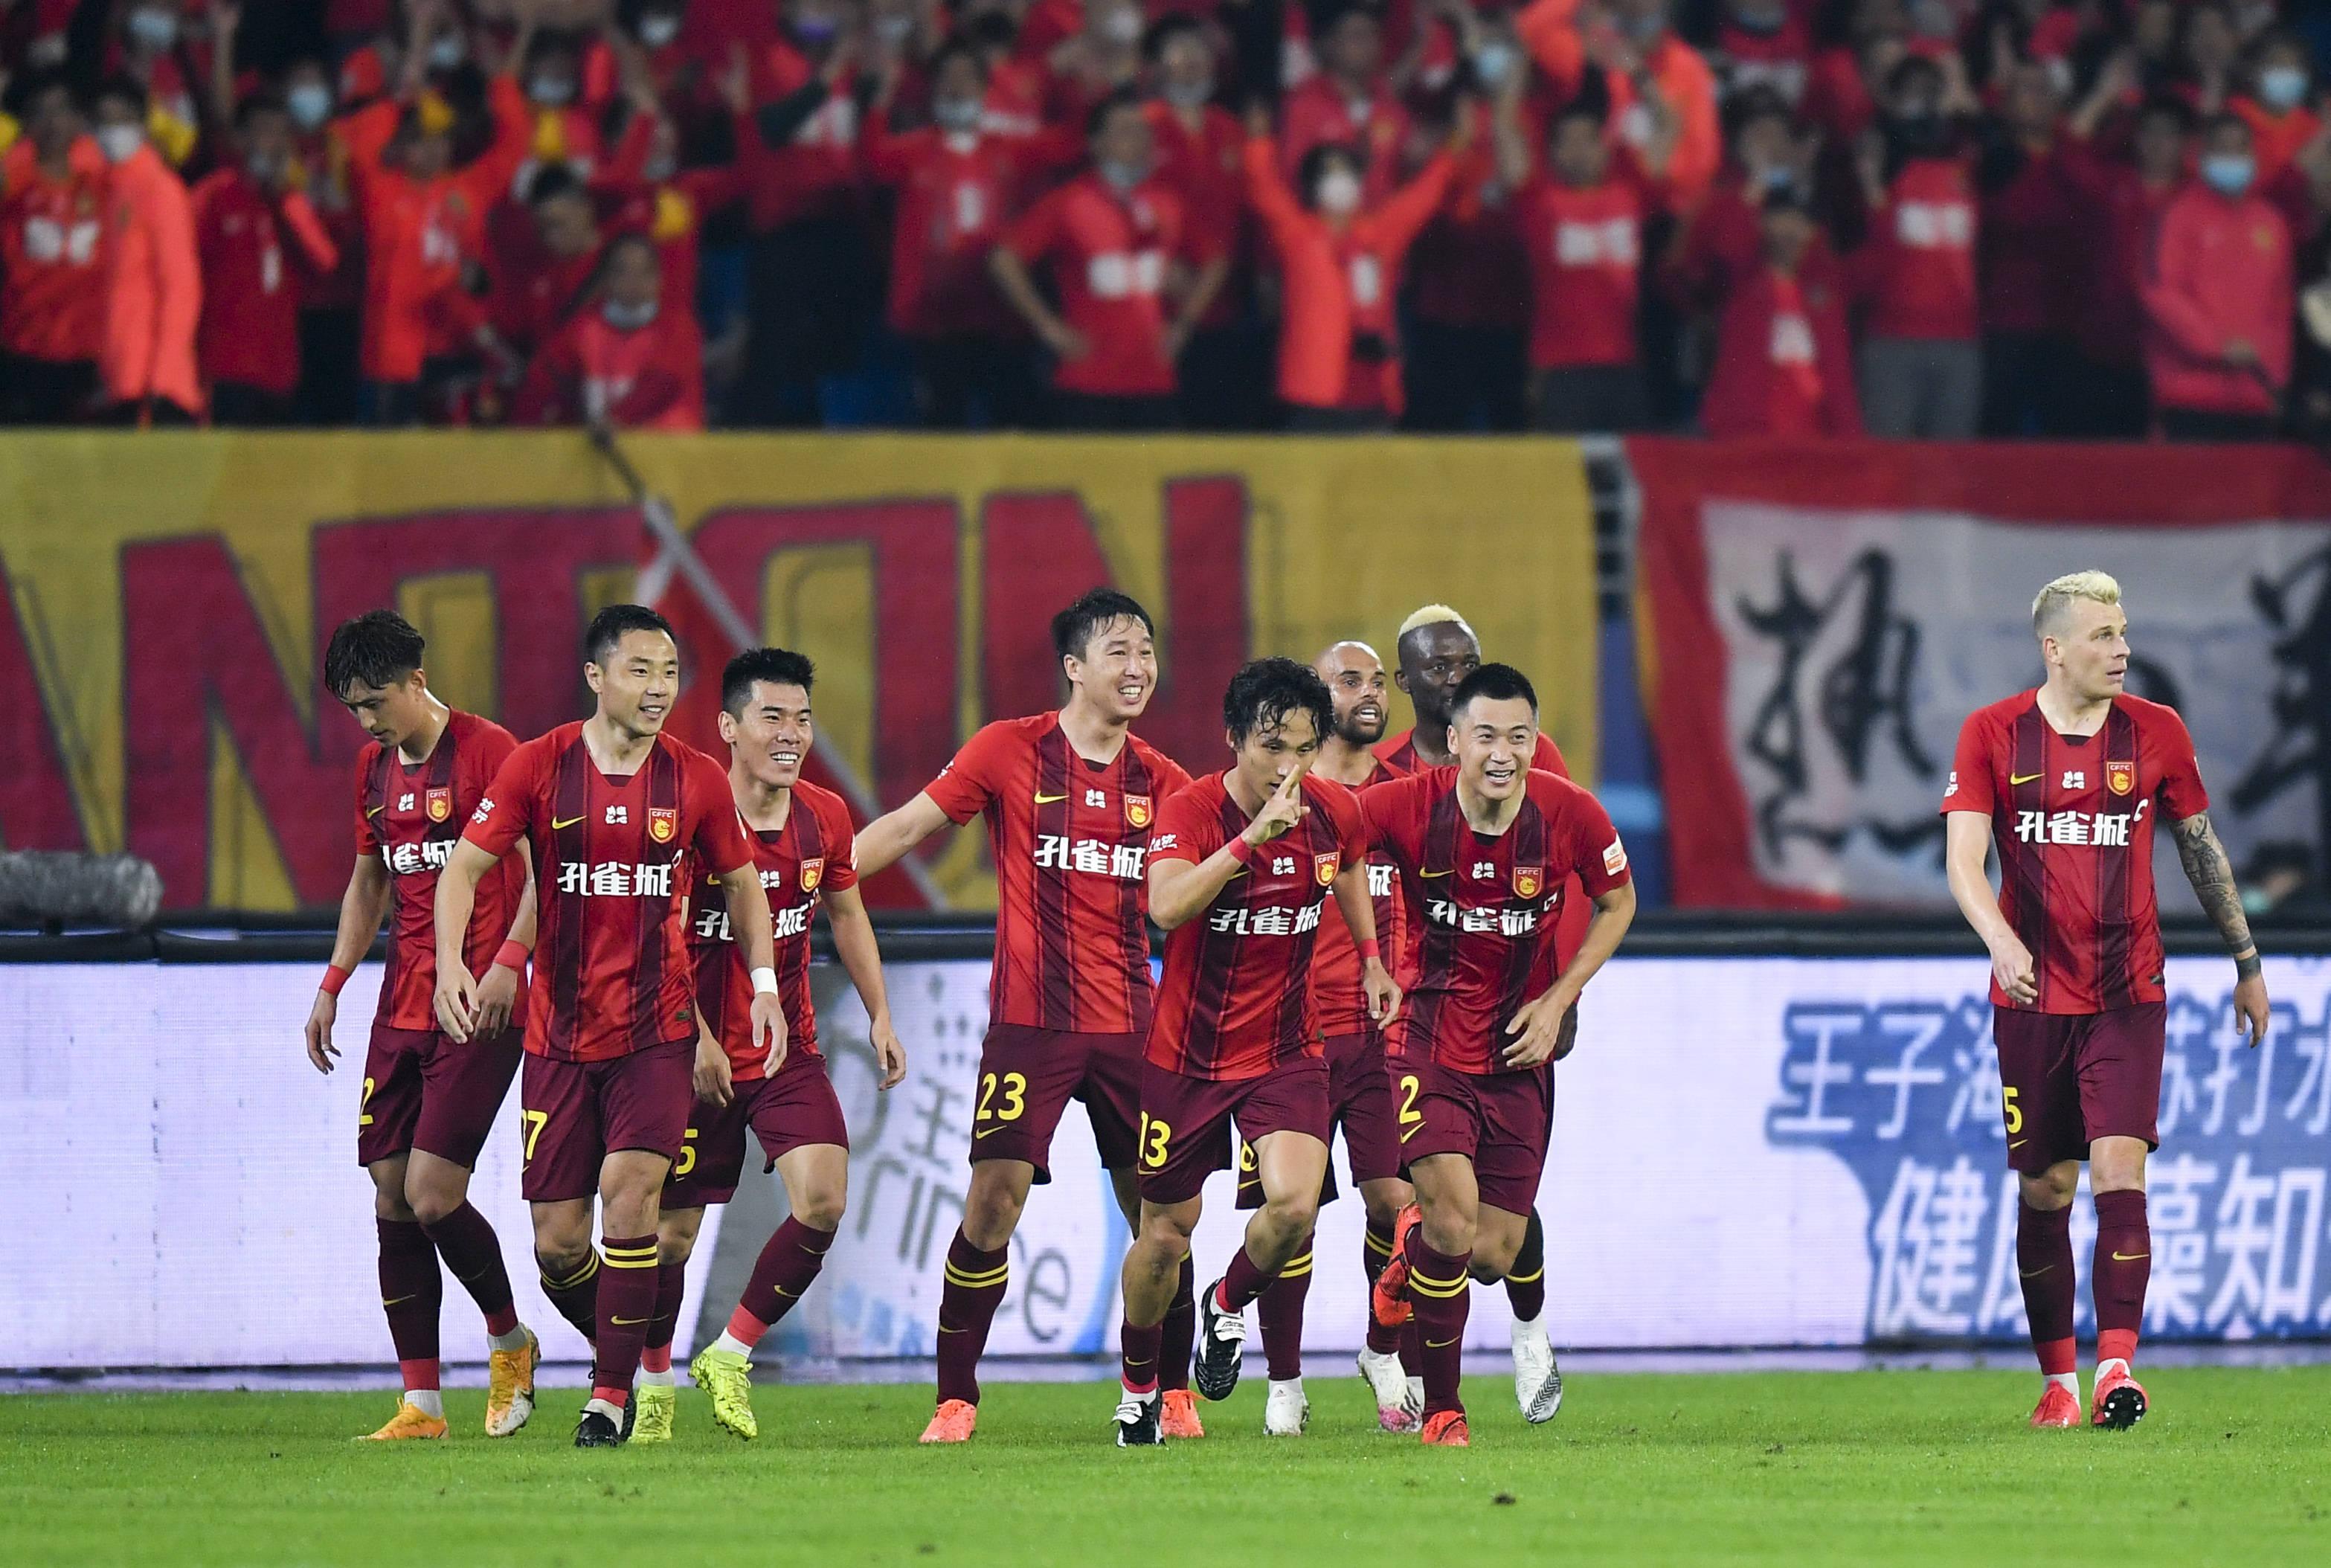 足球——2020中超联赛第15轮集锦